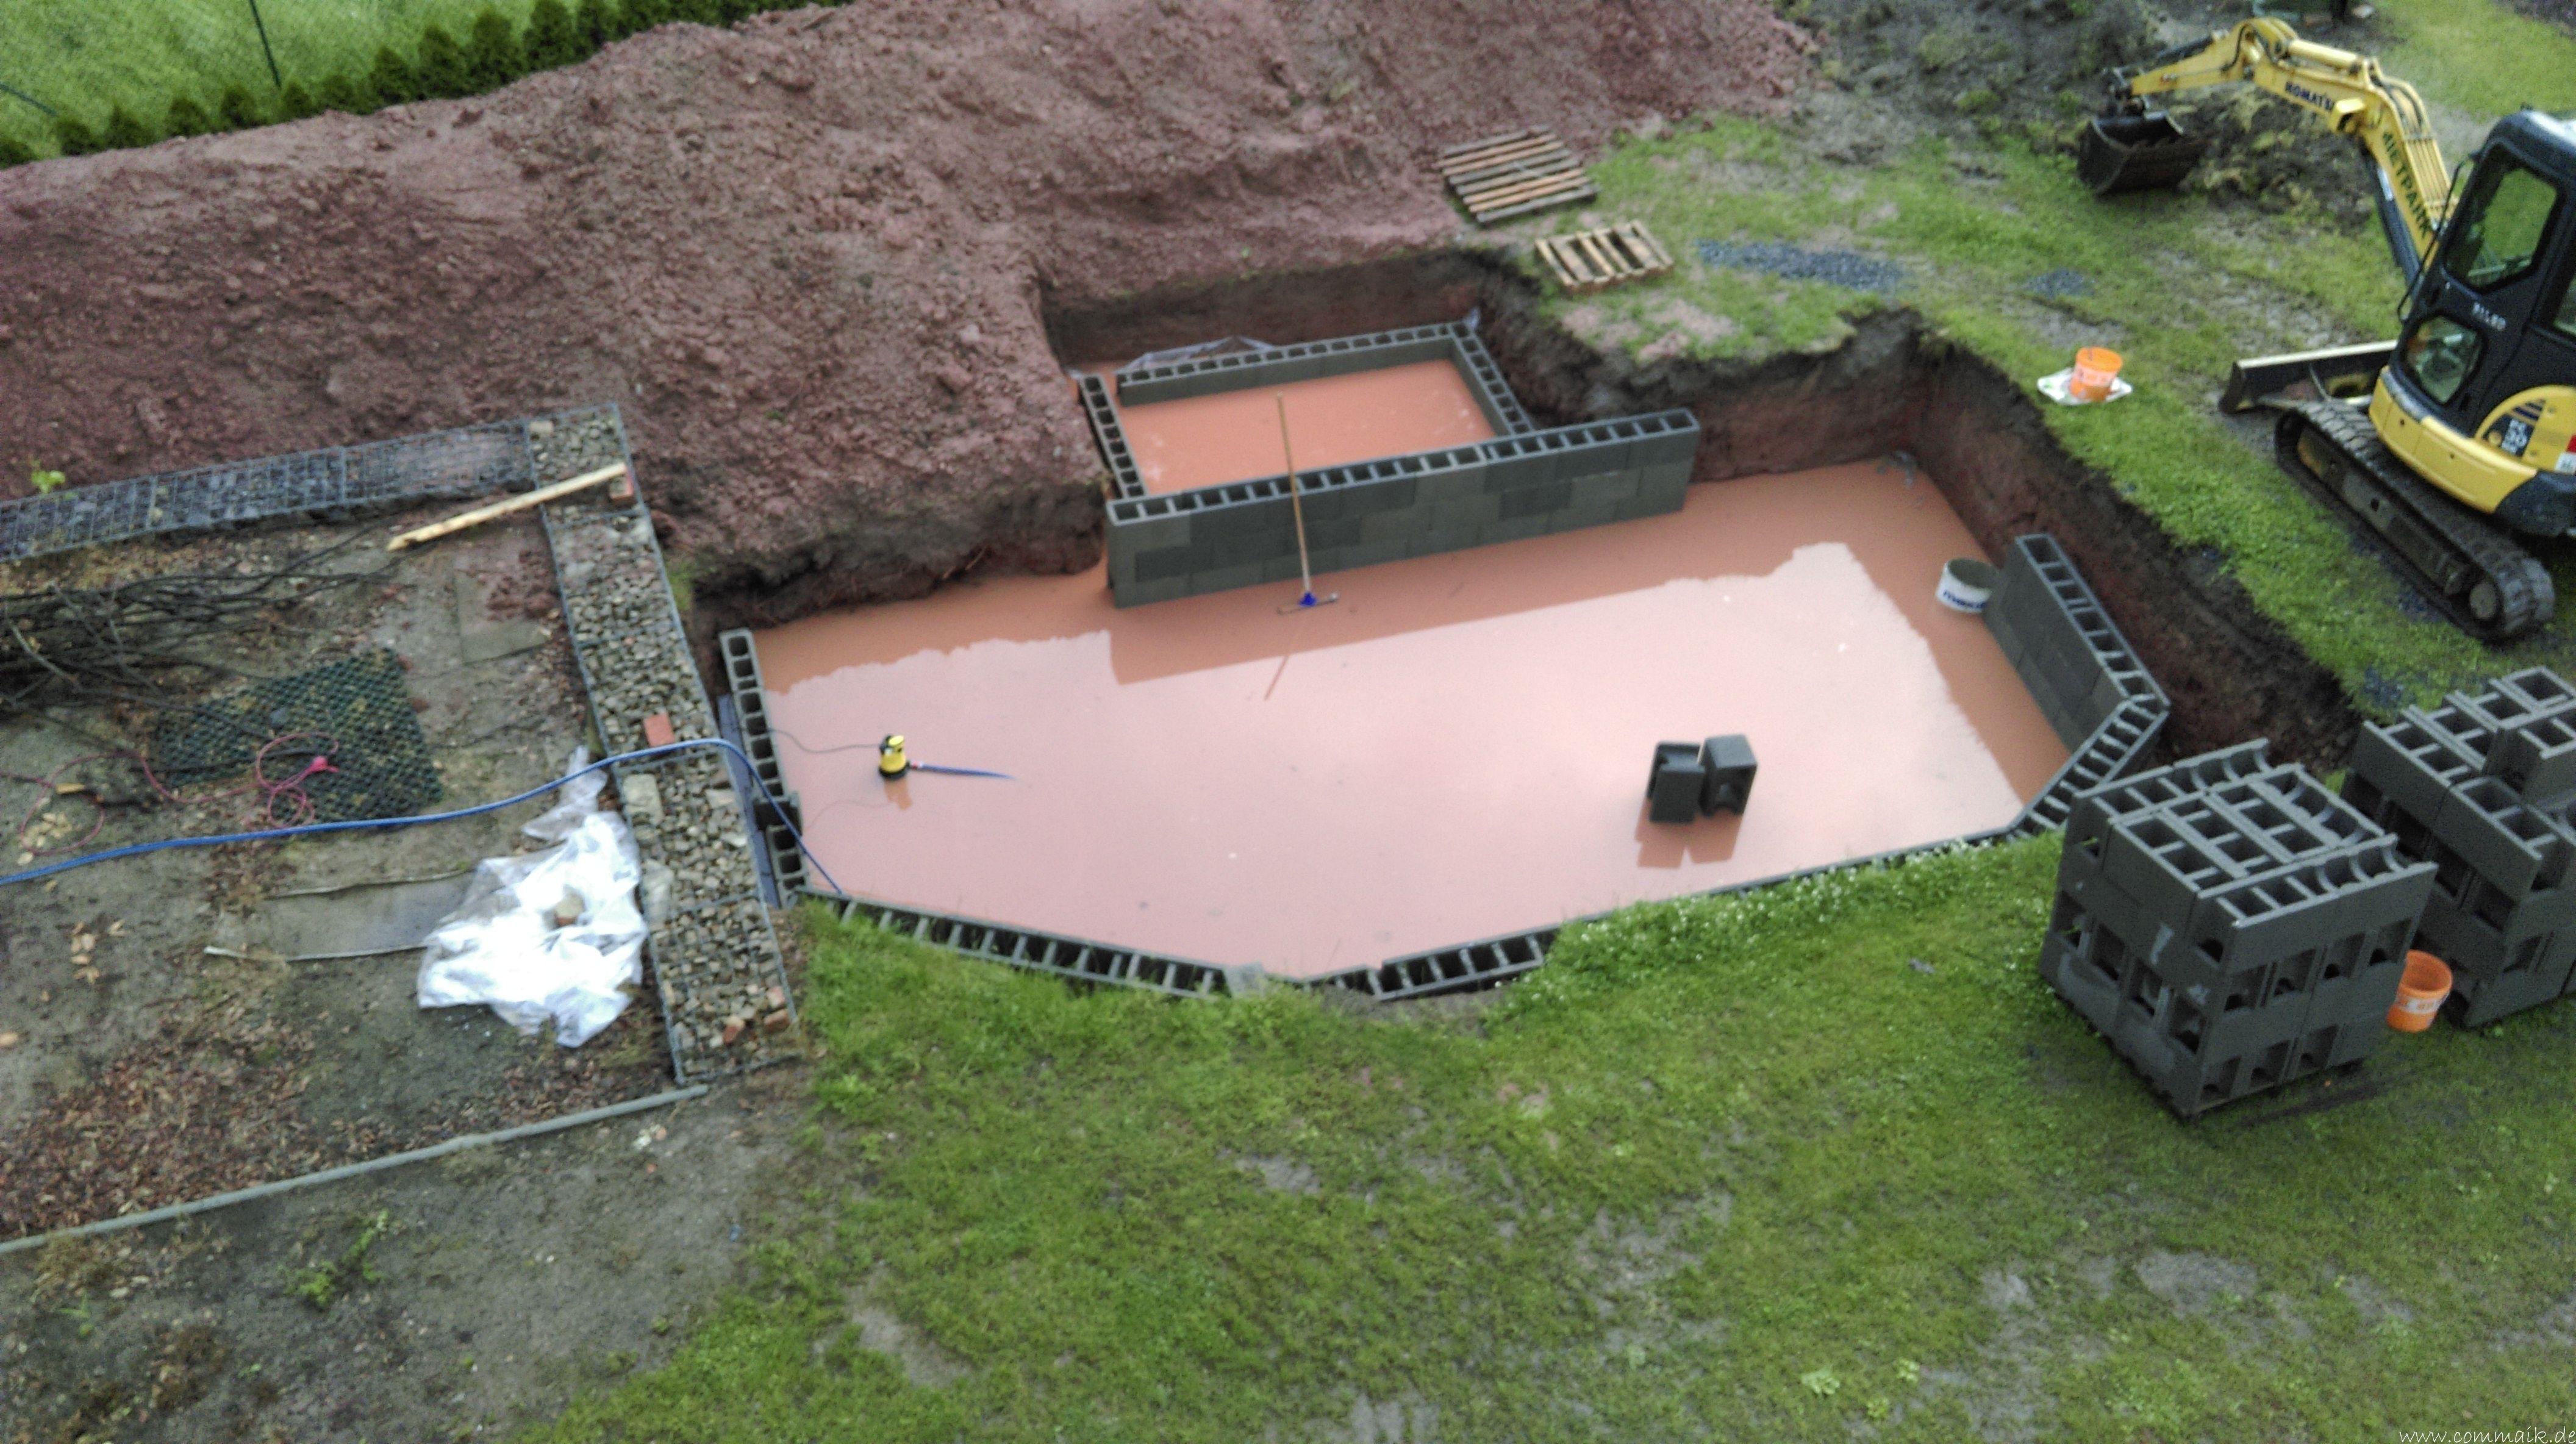 Projekt Poolbau Die Stutzmauern Kommen Und Der Pool Wird